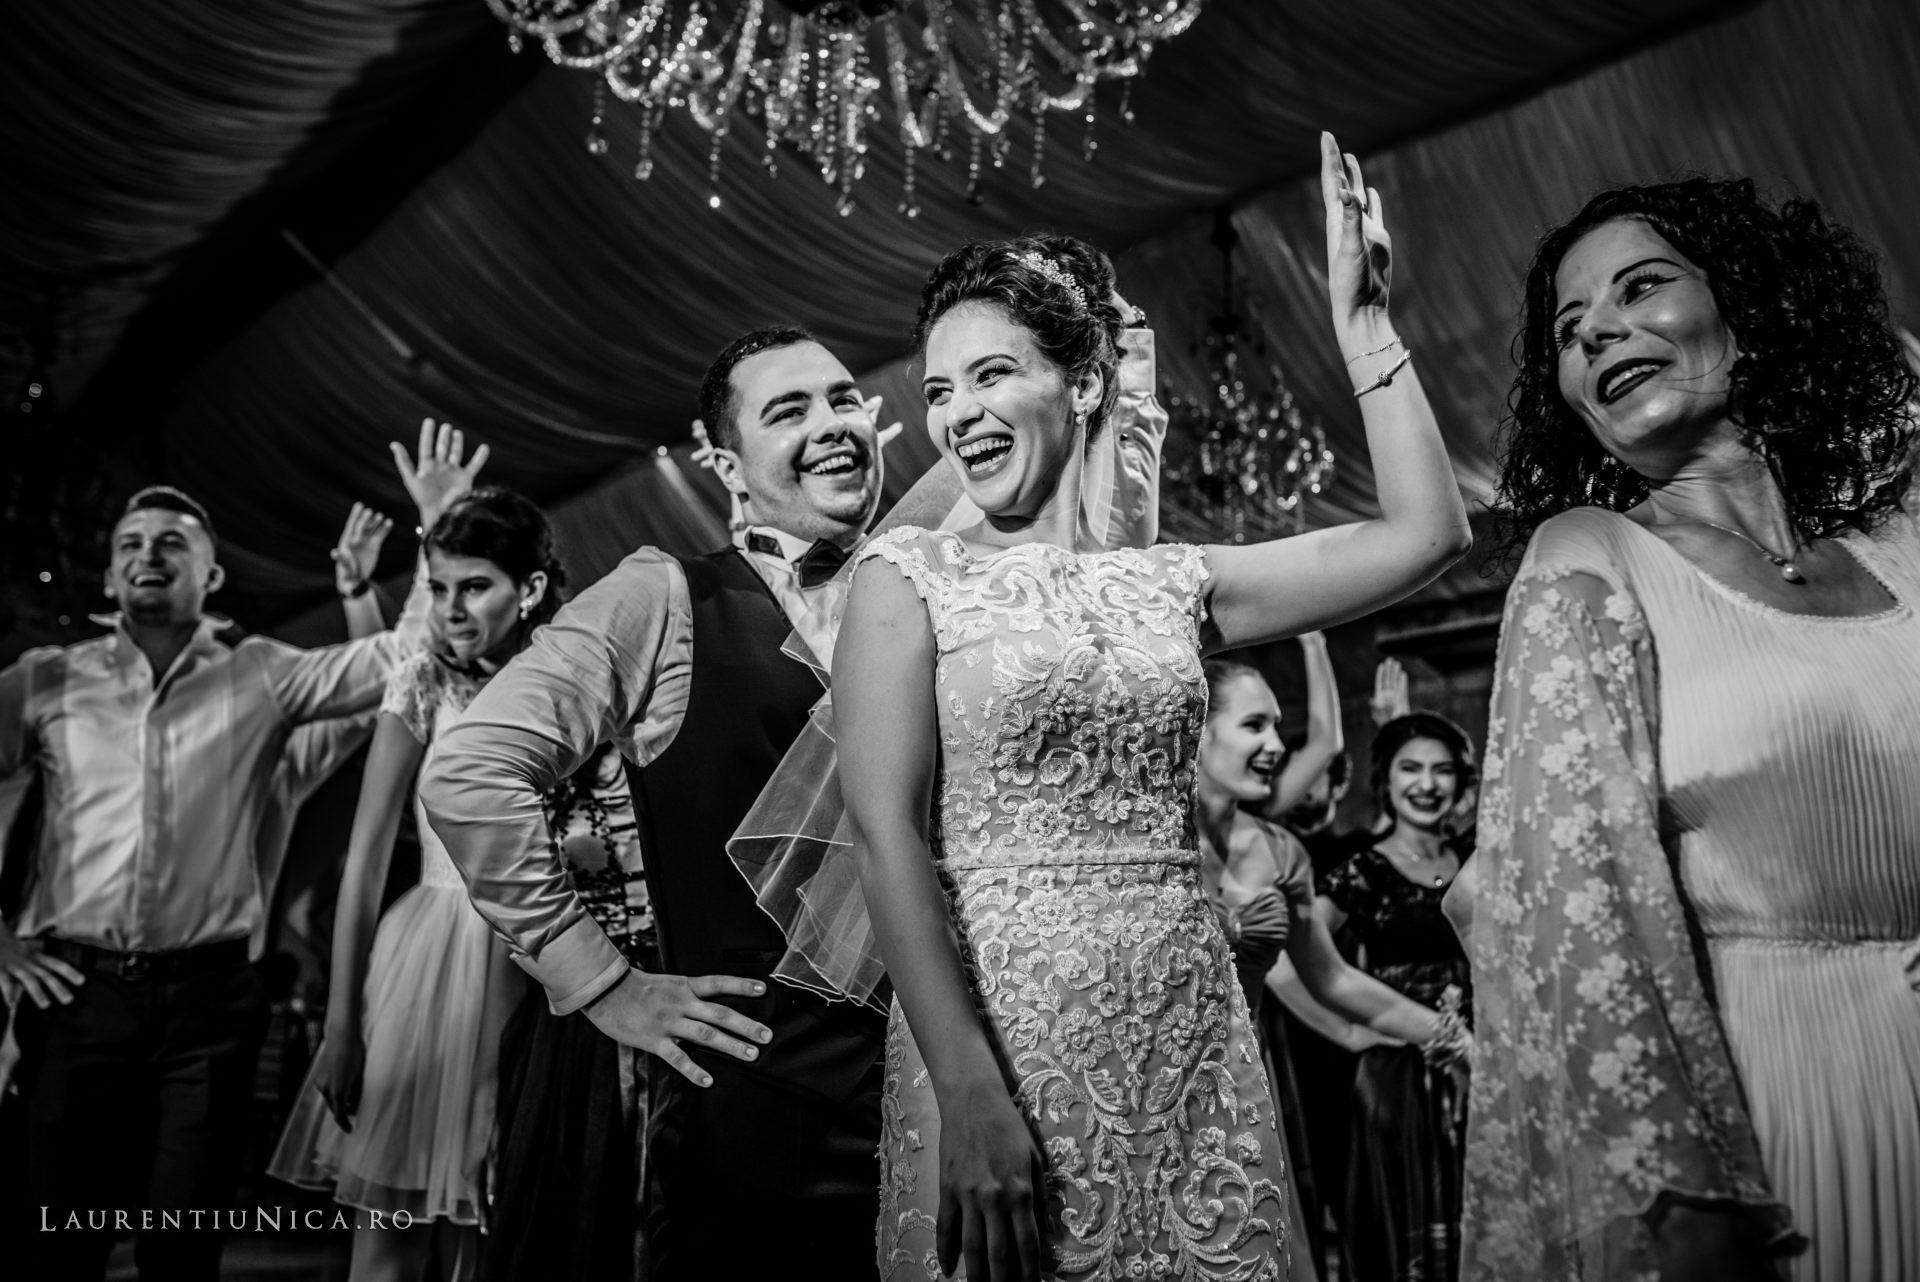 denisa si catalin fotograf nunta laurentiu nica craiova 75 - Denisa si Catalin | Fotografii nunta | Craiova